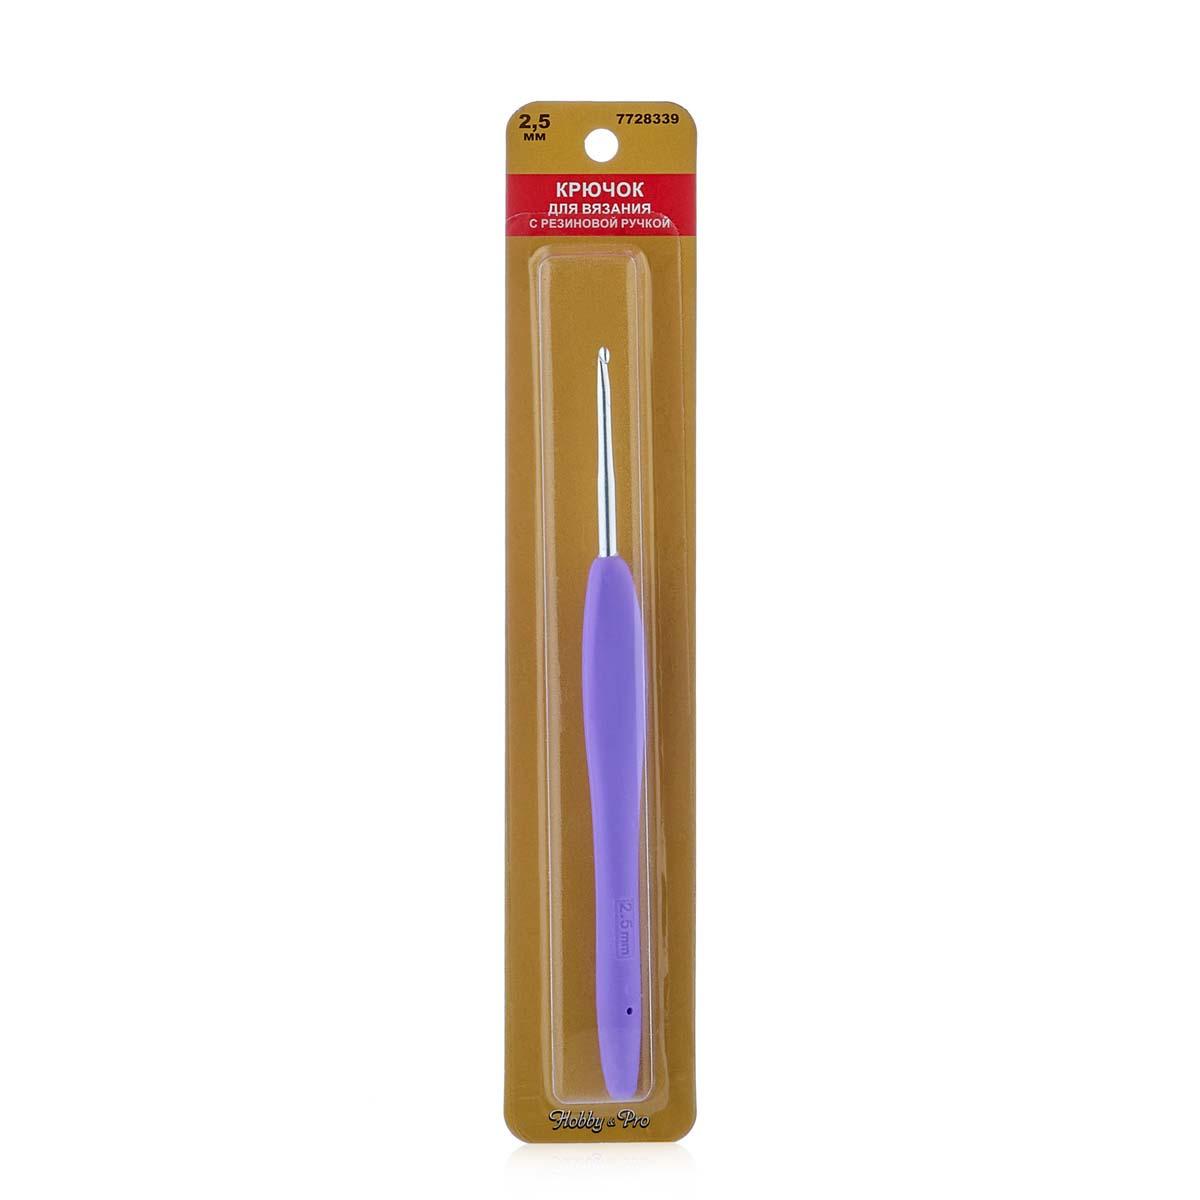 24R25X Крючок для вязания с резиновой ручкой, 2,5мм Hobby&Pro